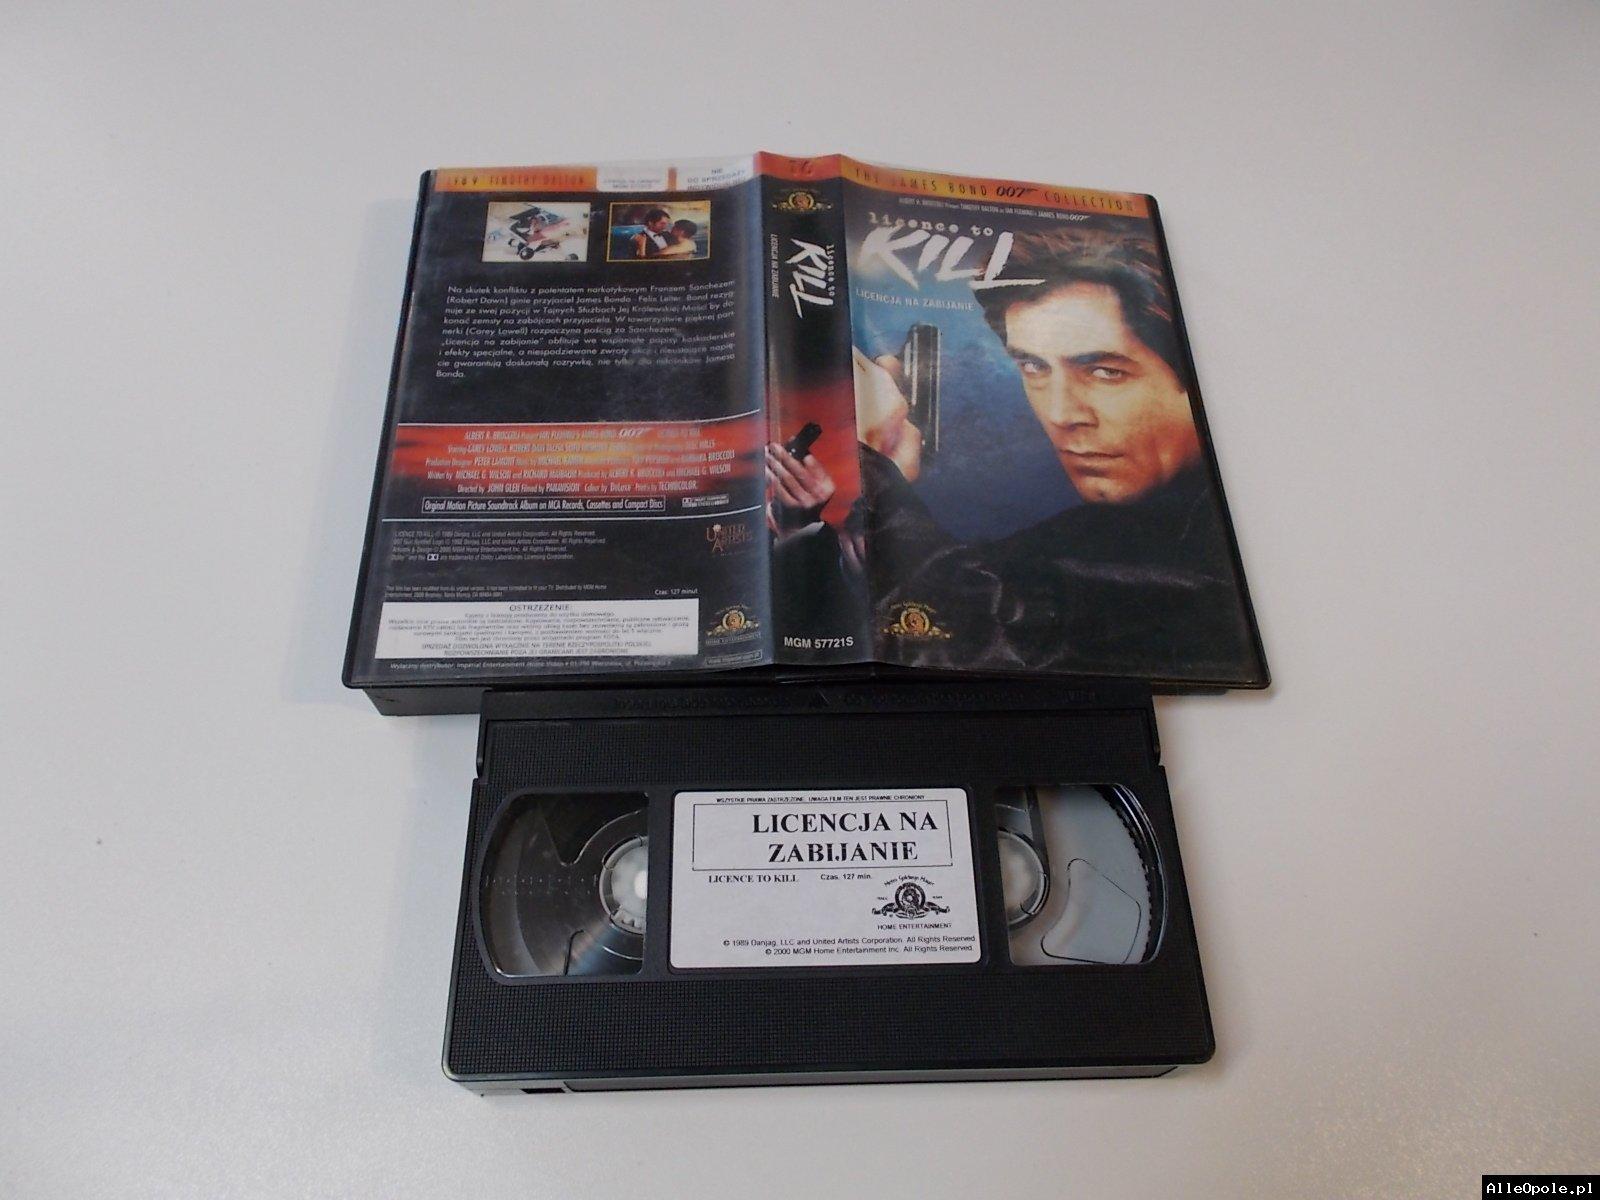 007 LICENCJA NA ZABIJANIE - VHS Kaseta Video - Opole 1711